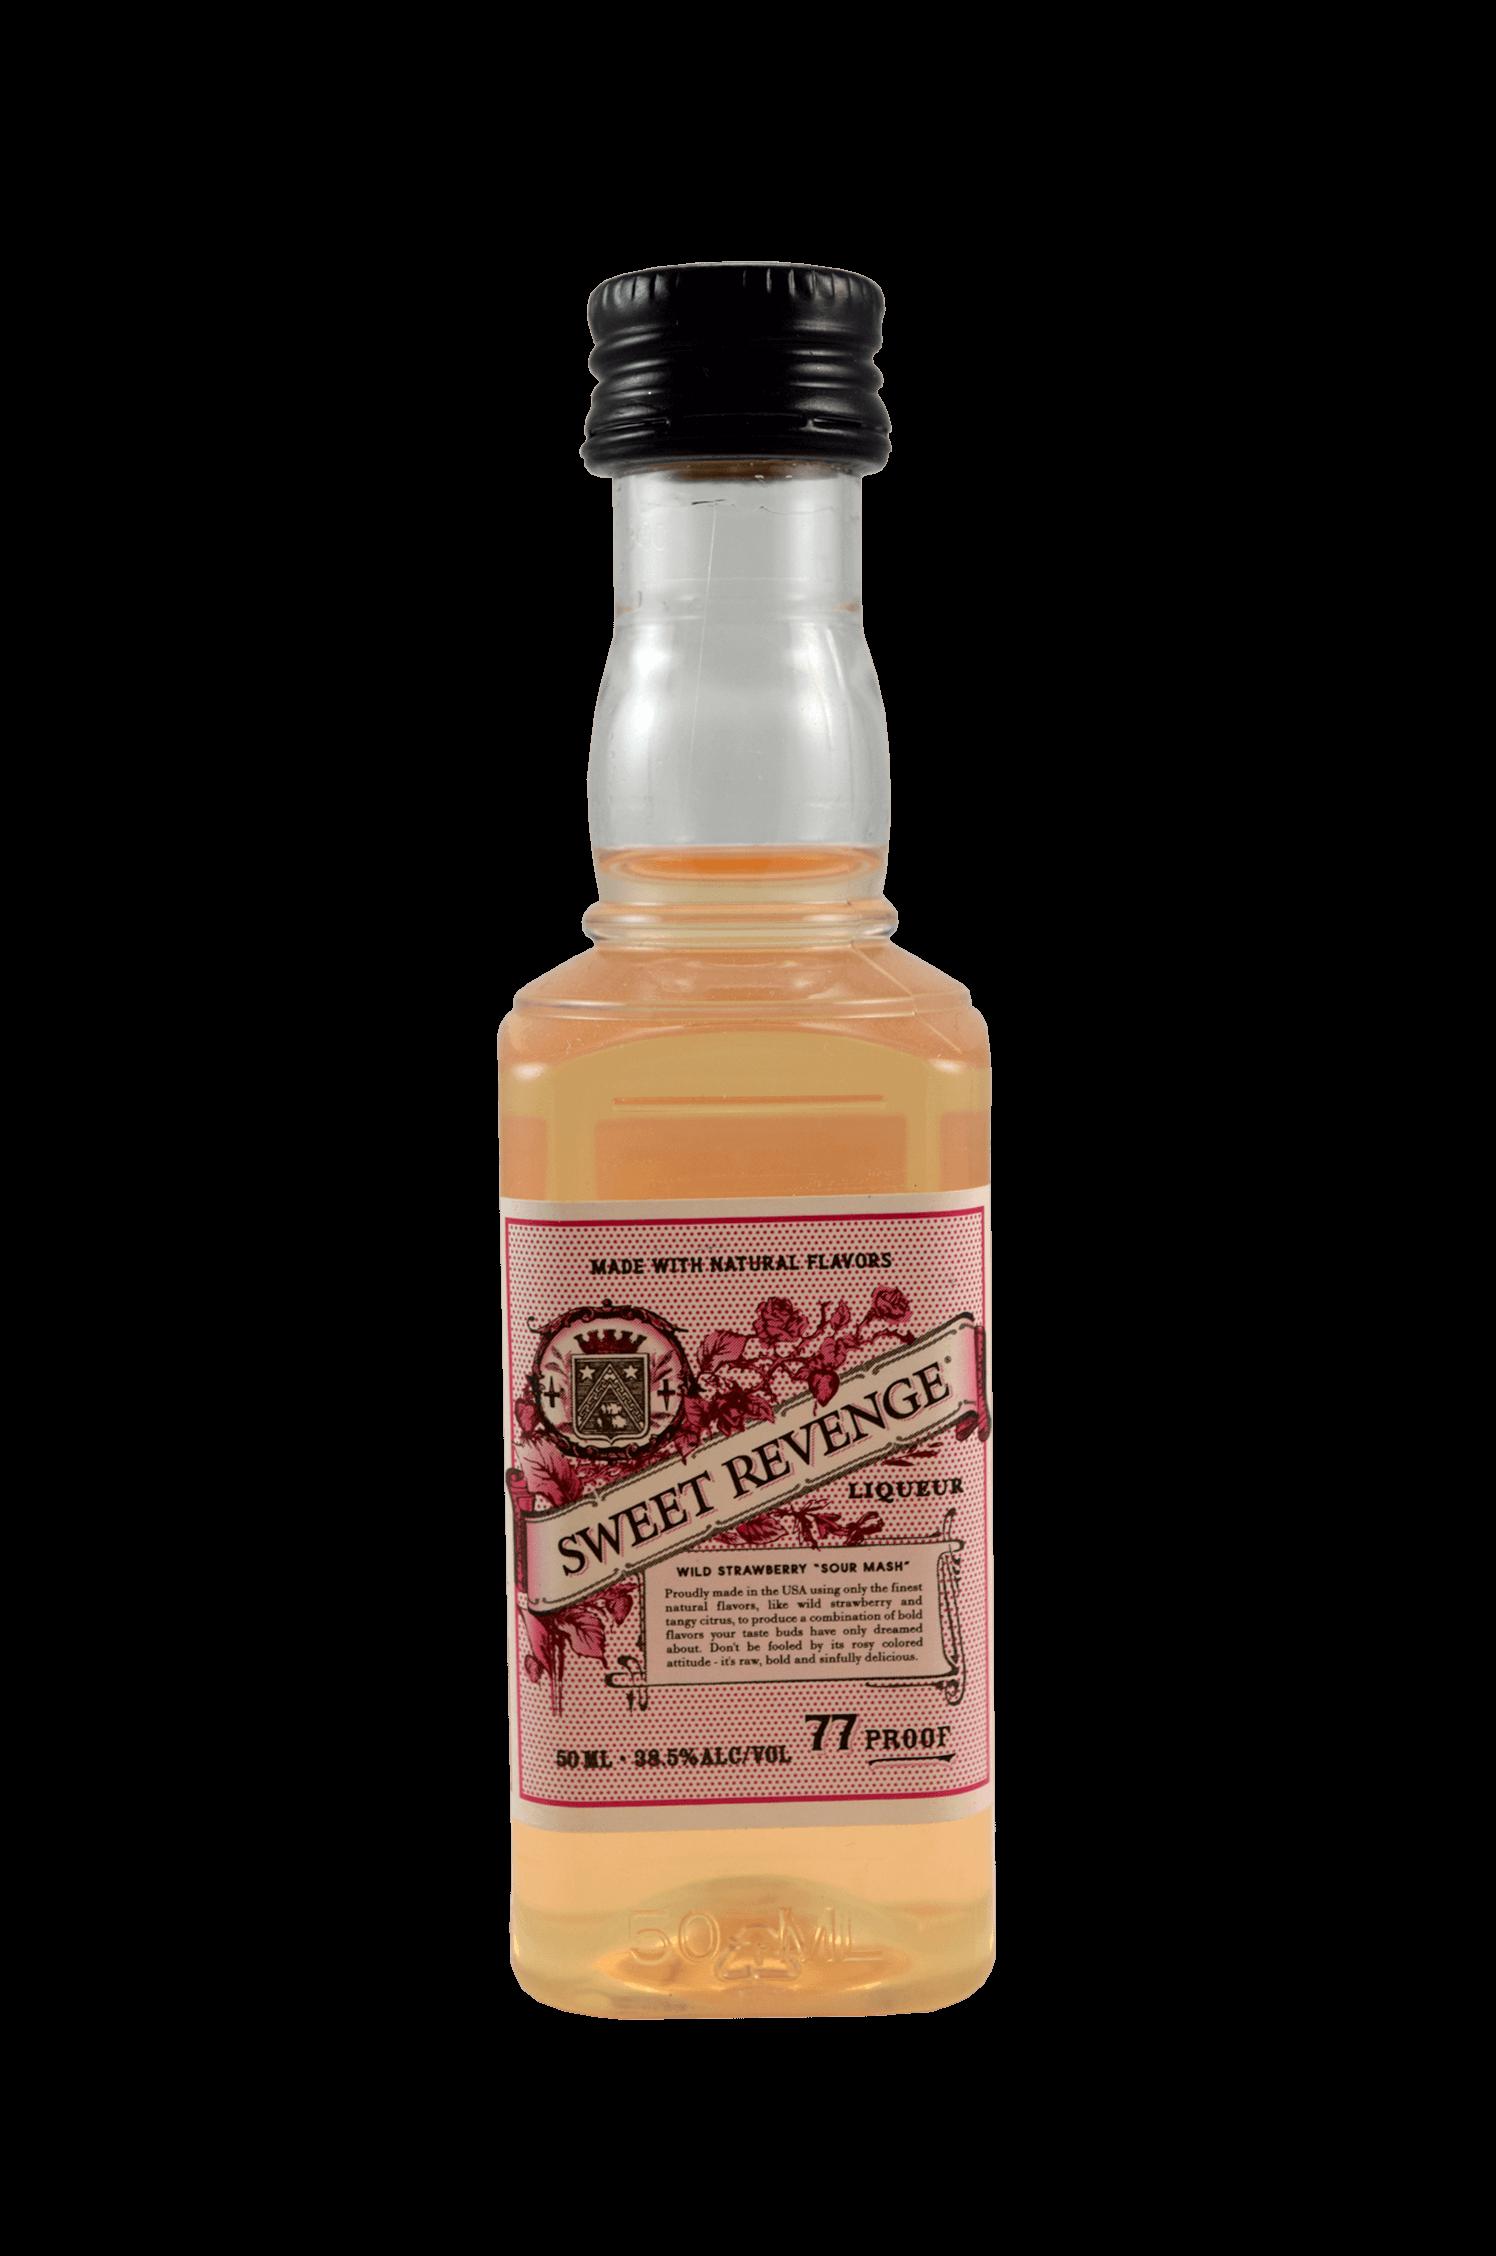 Sweet Reverge Liqueur